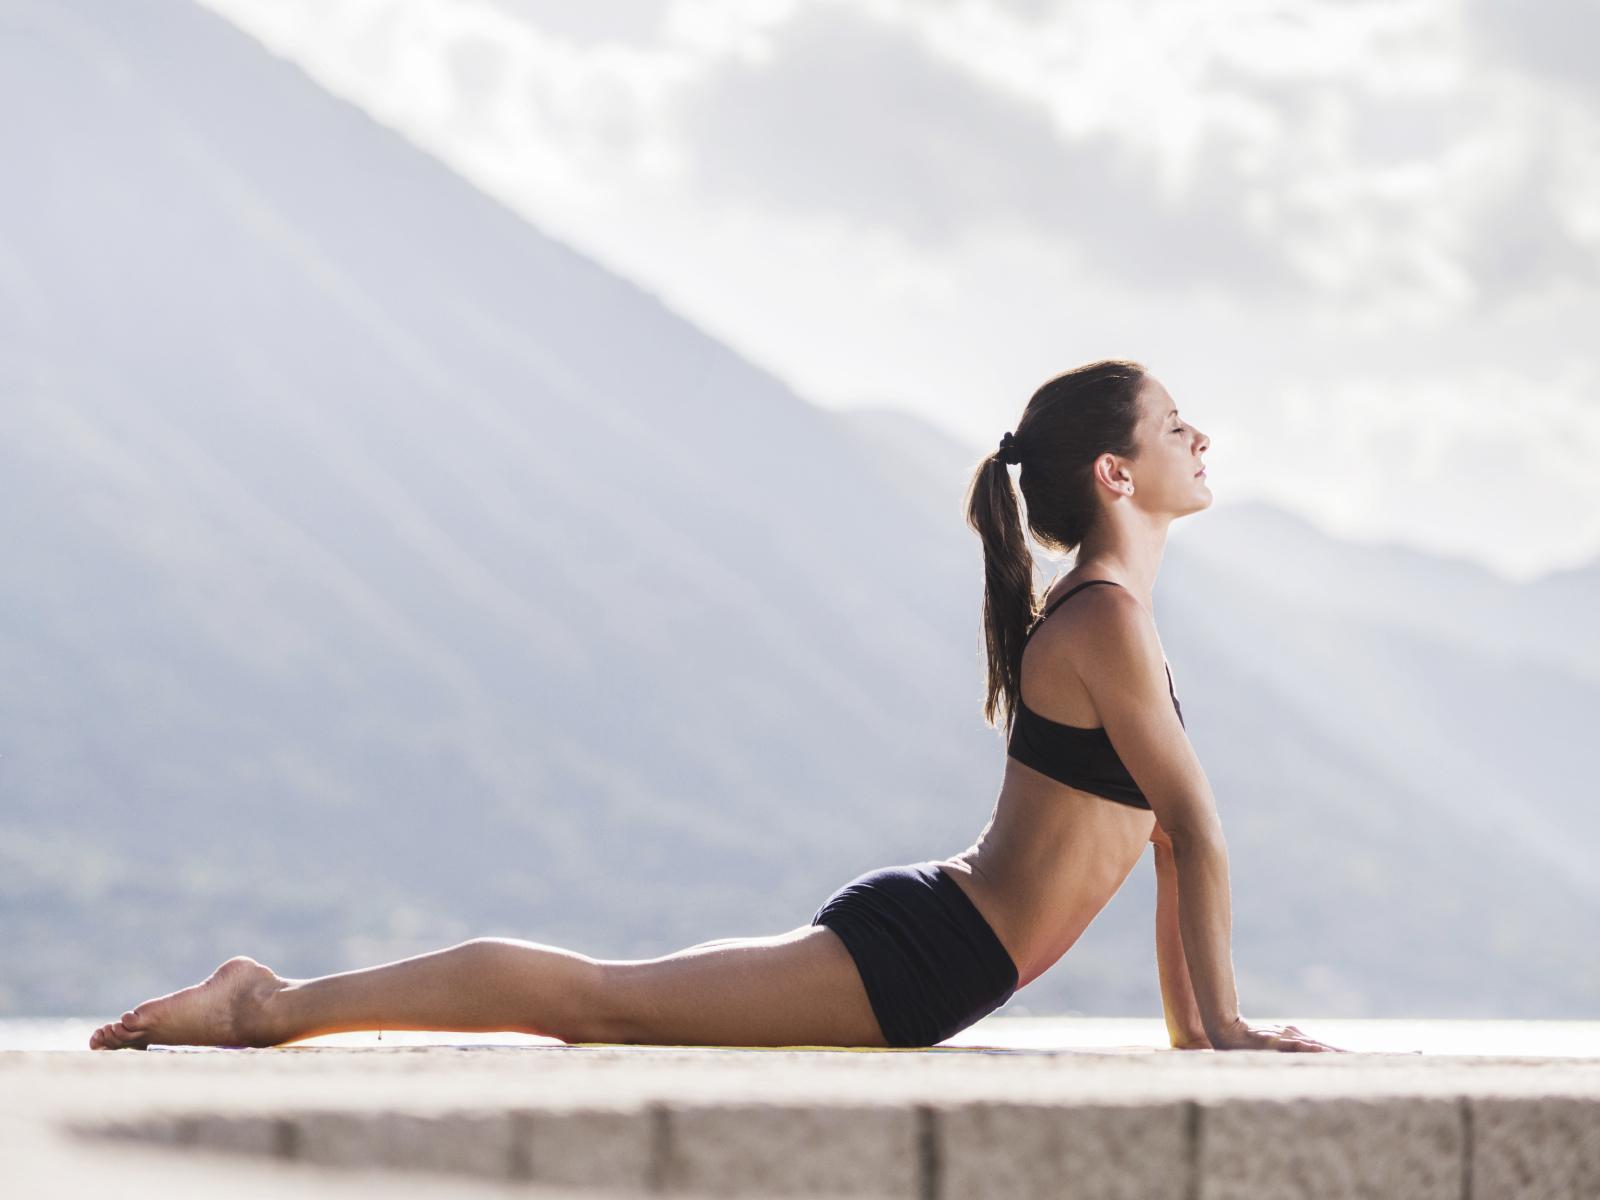 7招讓胸前兩球更堅挺+直接翻倍的「美胸瑜珈姿勢」初學者也會!照著做就「不怕變布袋垂奶」!